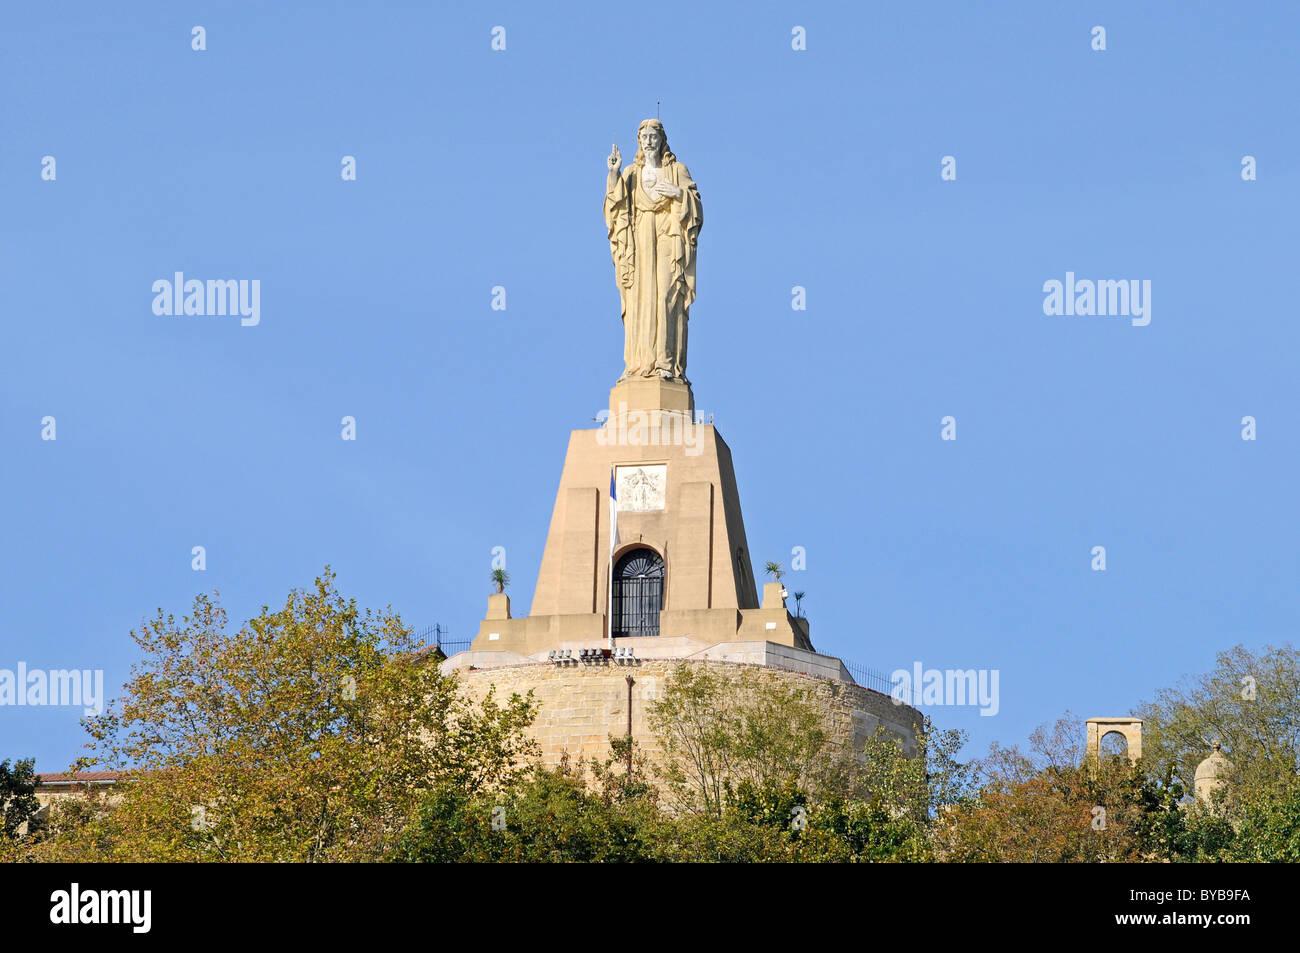 Statue of jesus christ mt monte urgull san sebastian - San sebastian pais vasco ...